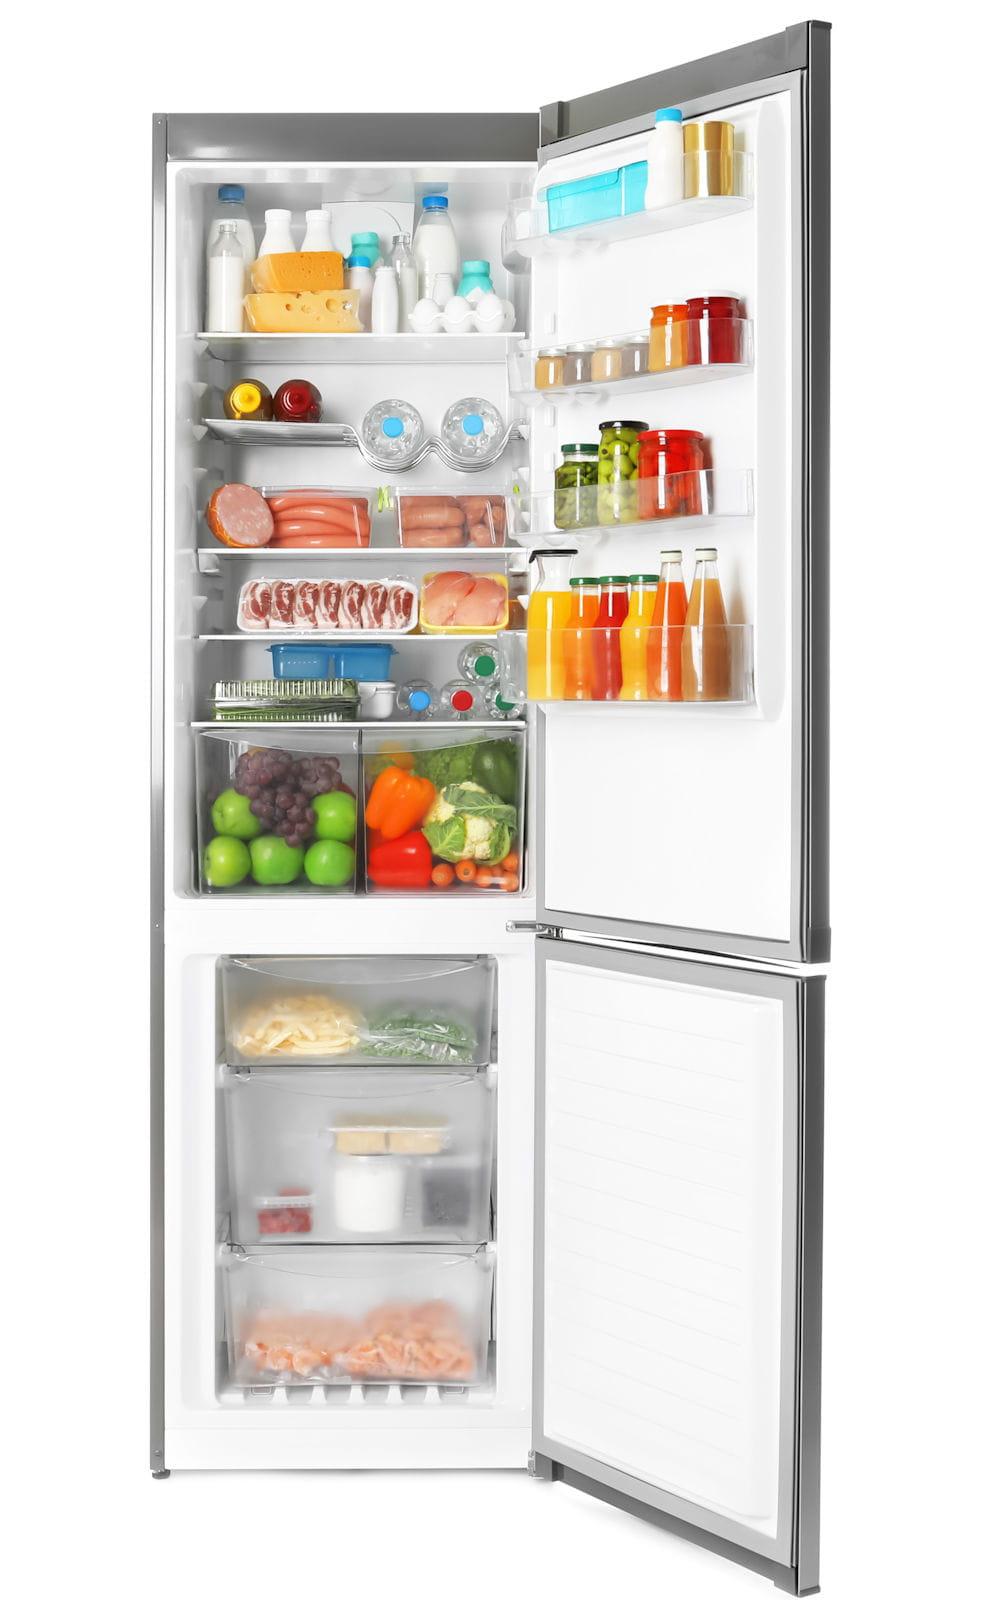 Comment Ranger Dans Un Frigo bien organiser son frigo pour mieux conserver les aliments